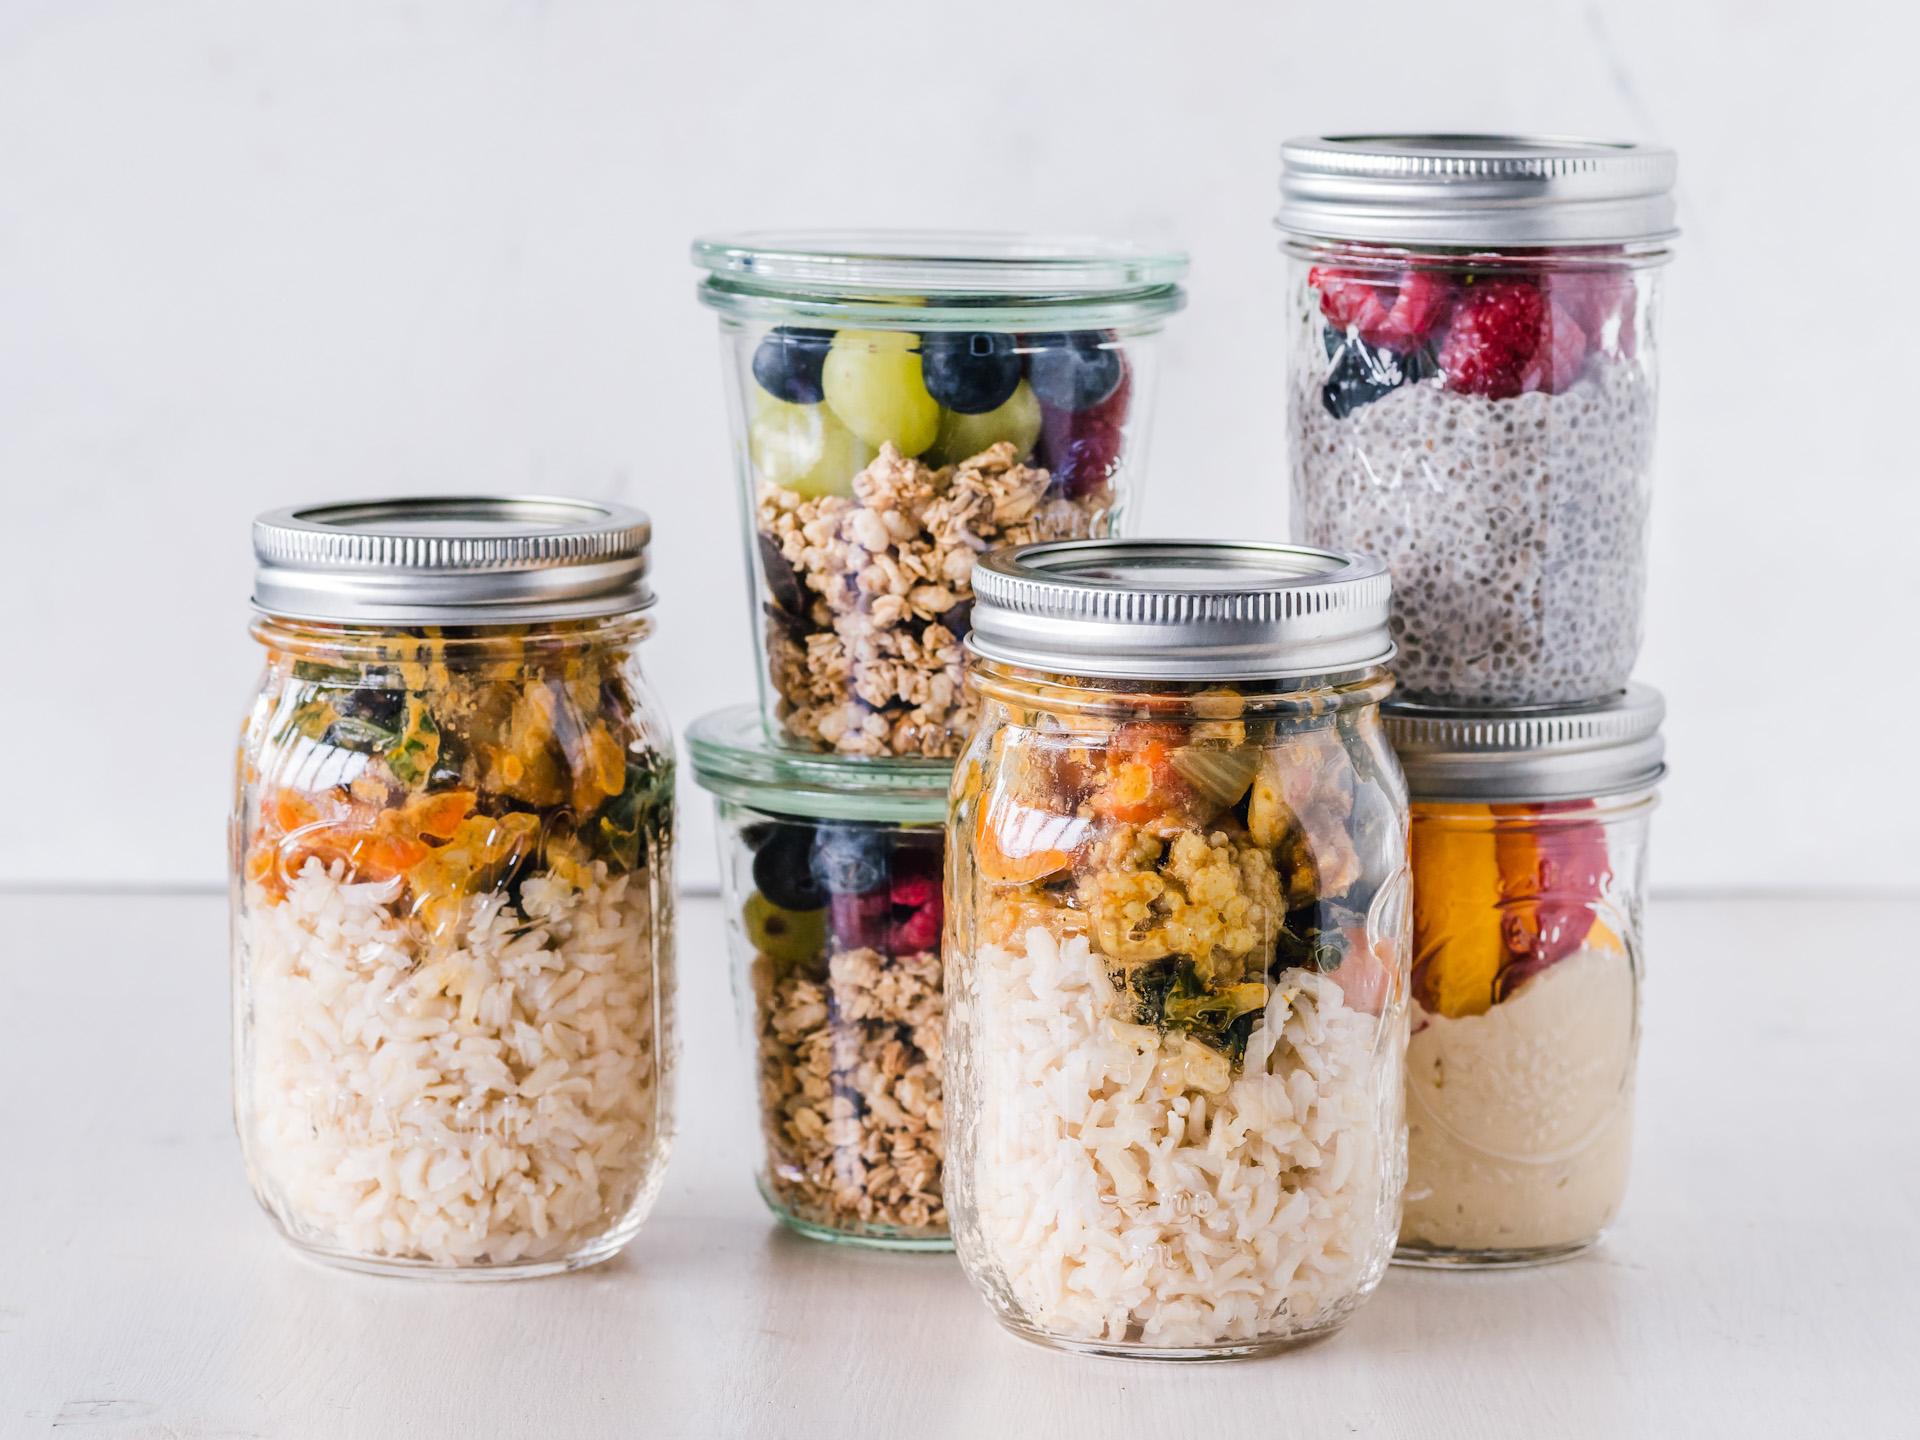 Planifica tu menú para llevar una alimentación sustentable